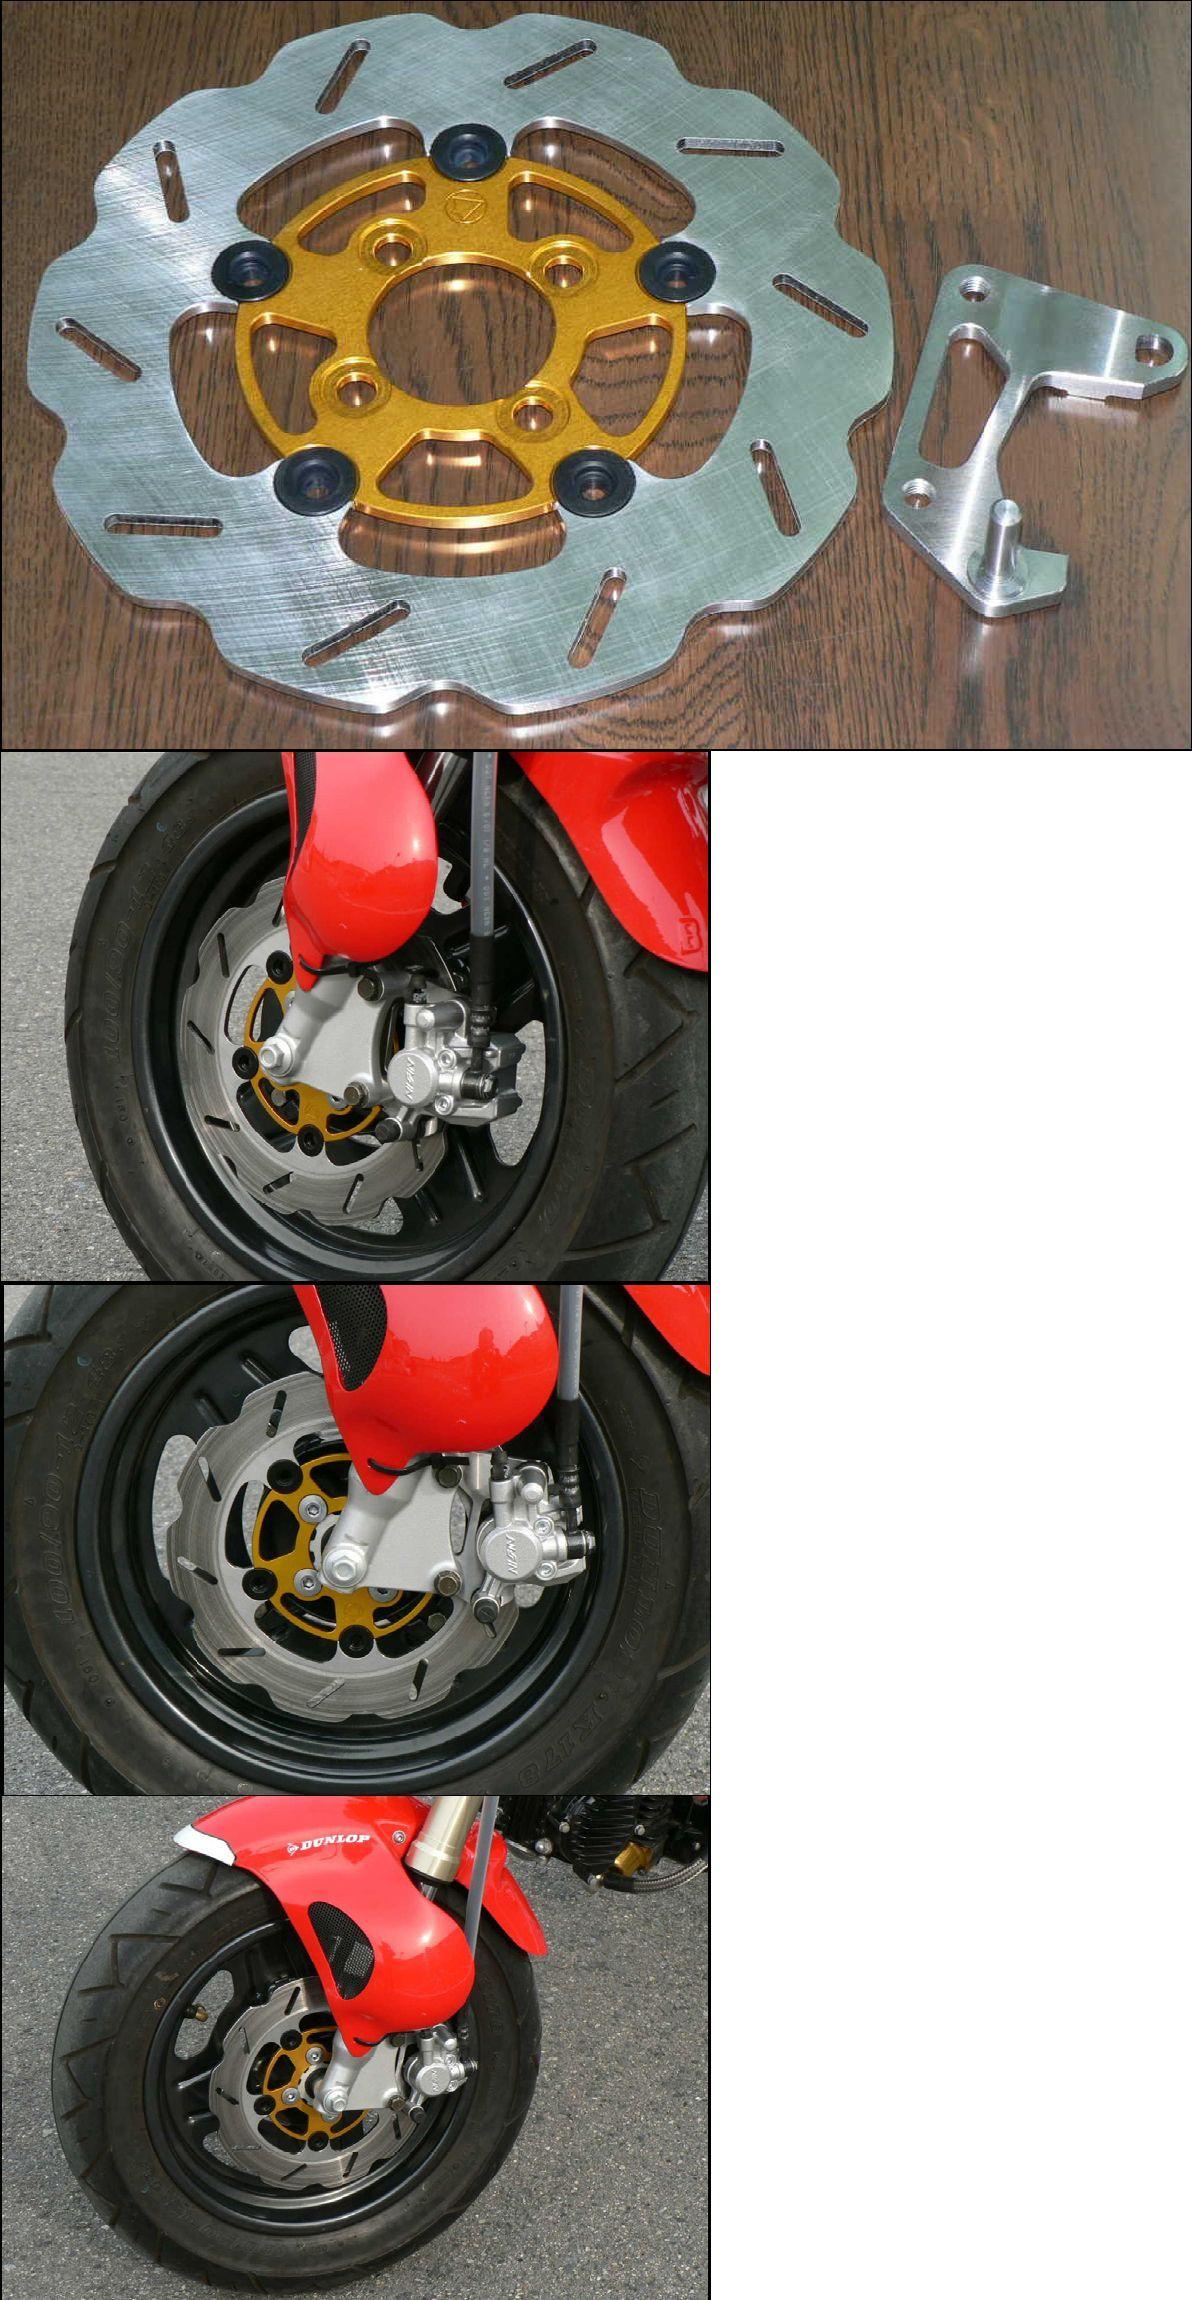 標準型加大煞車碟盤套件